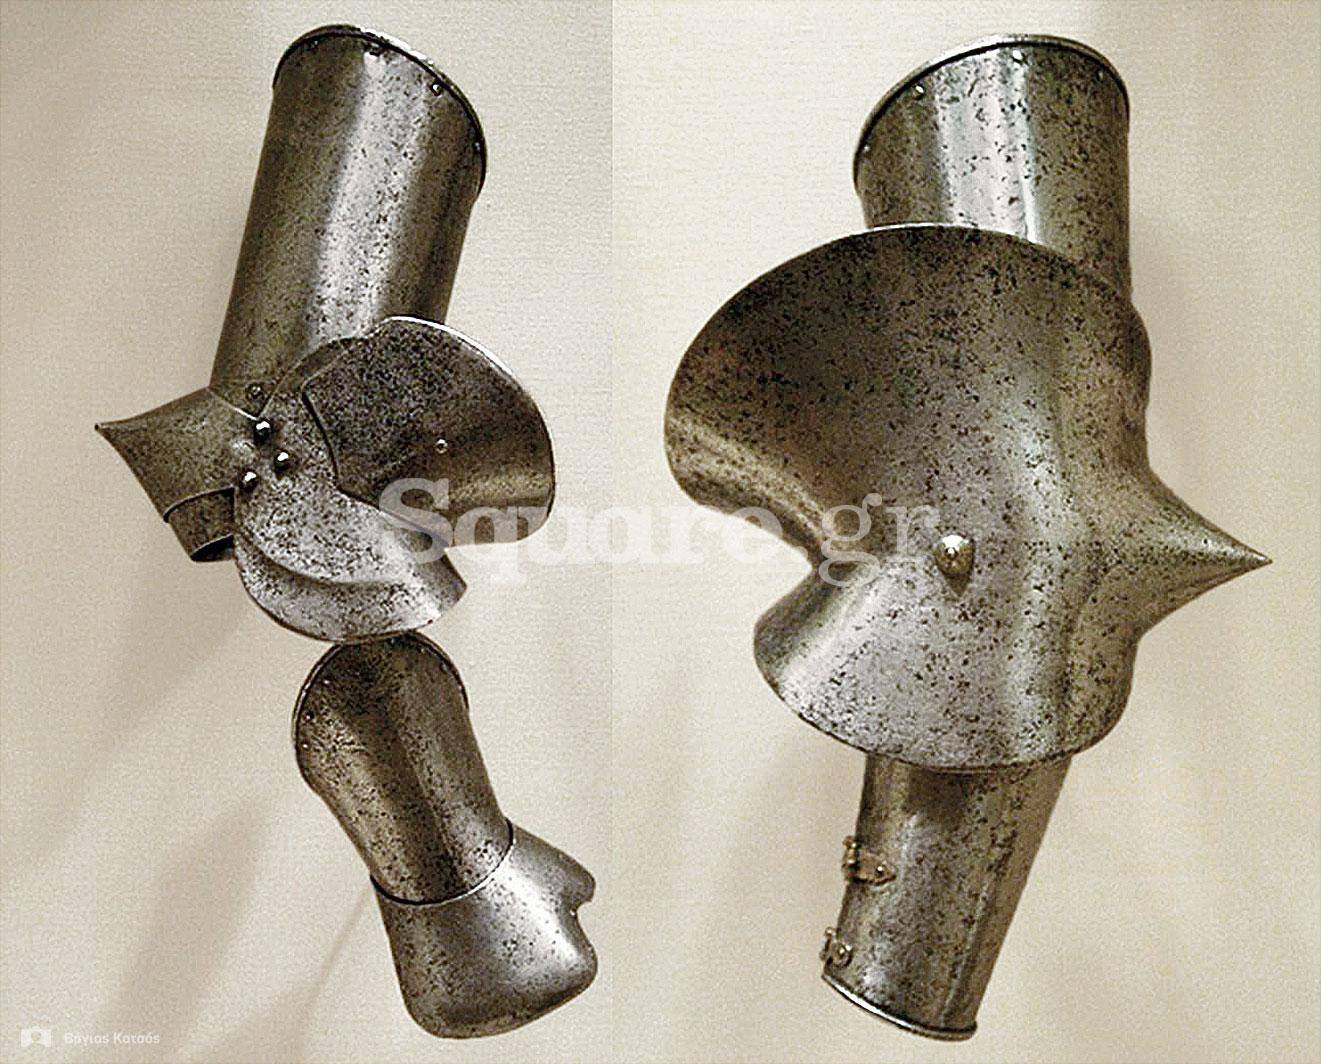 27-Μεταλλικά-περιβραχιόνια-(brassards-ή-vambraces),-αγκώνας-(elbow)-και-χειρόκτιο-(gauntlet)-των-μέσων-του-15ου-αιώνα,-από-την-συλλογή-της-Χαλκίδας